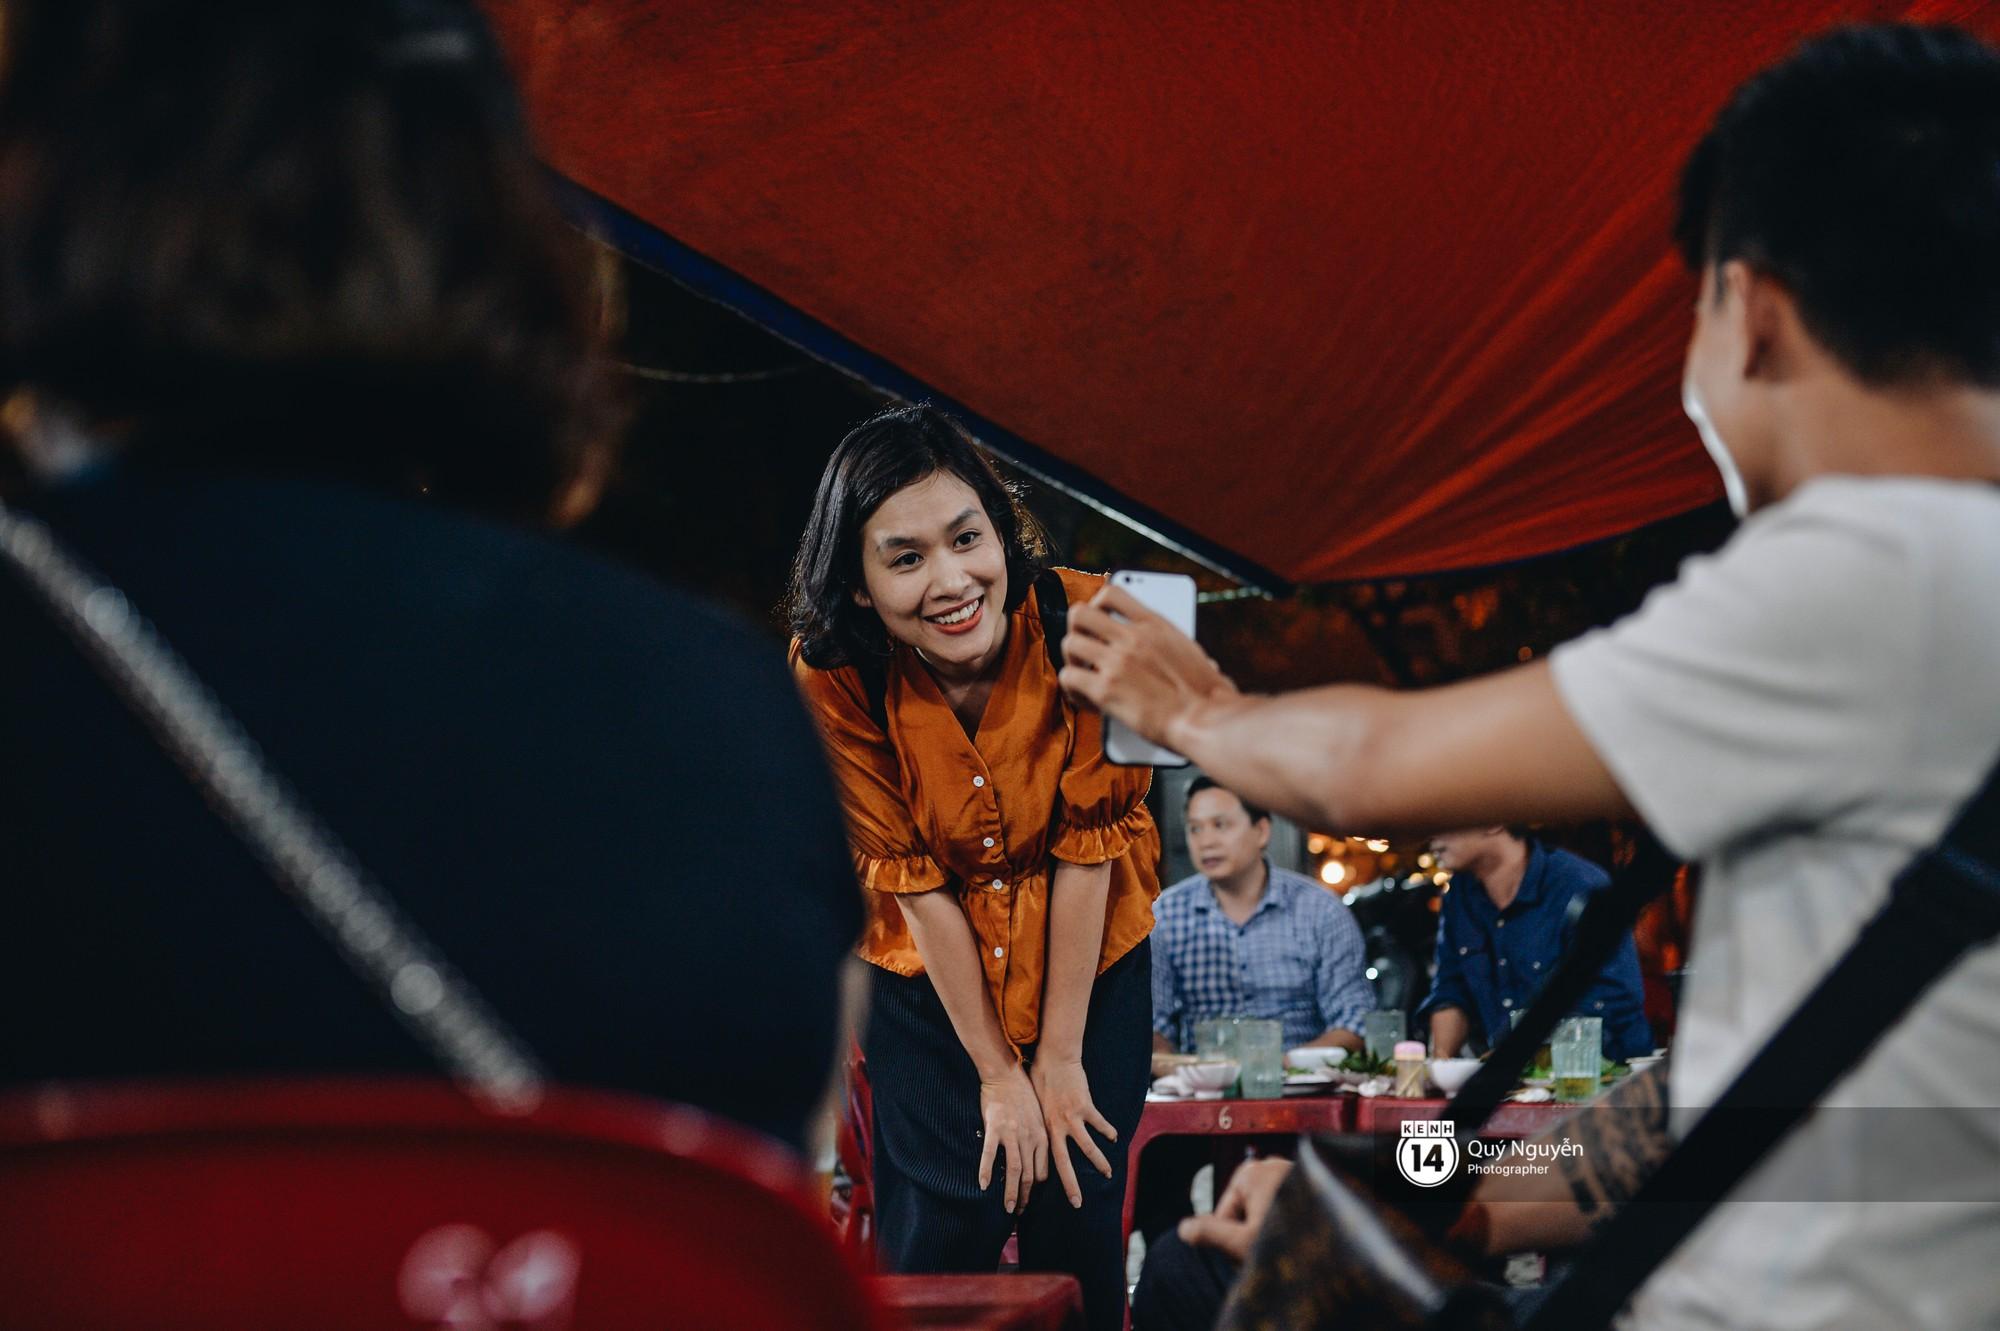 Cuộc sống hiện tại của Nguyệt trong 'Phía trước là bầu trời': Sáng đi dạy múa, tối về làm chủ quán bia ở Hà Nội